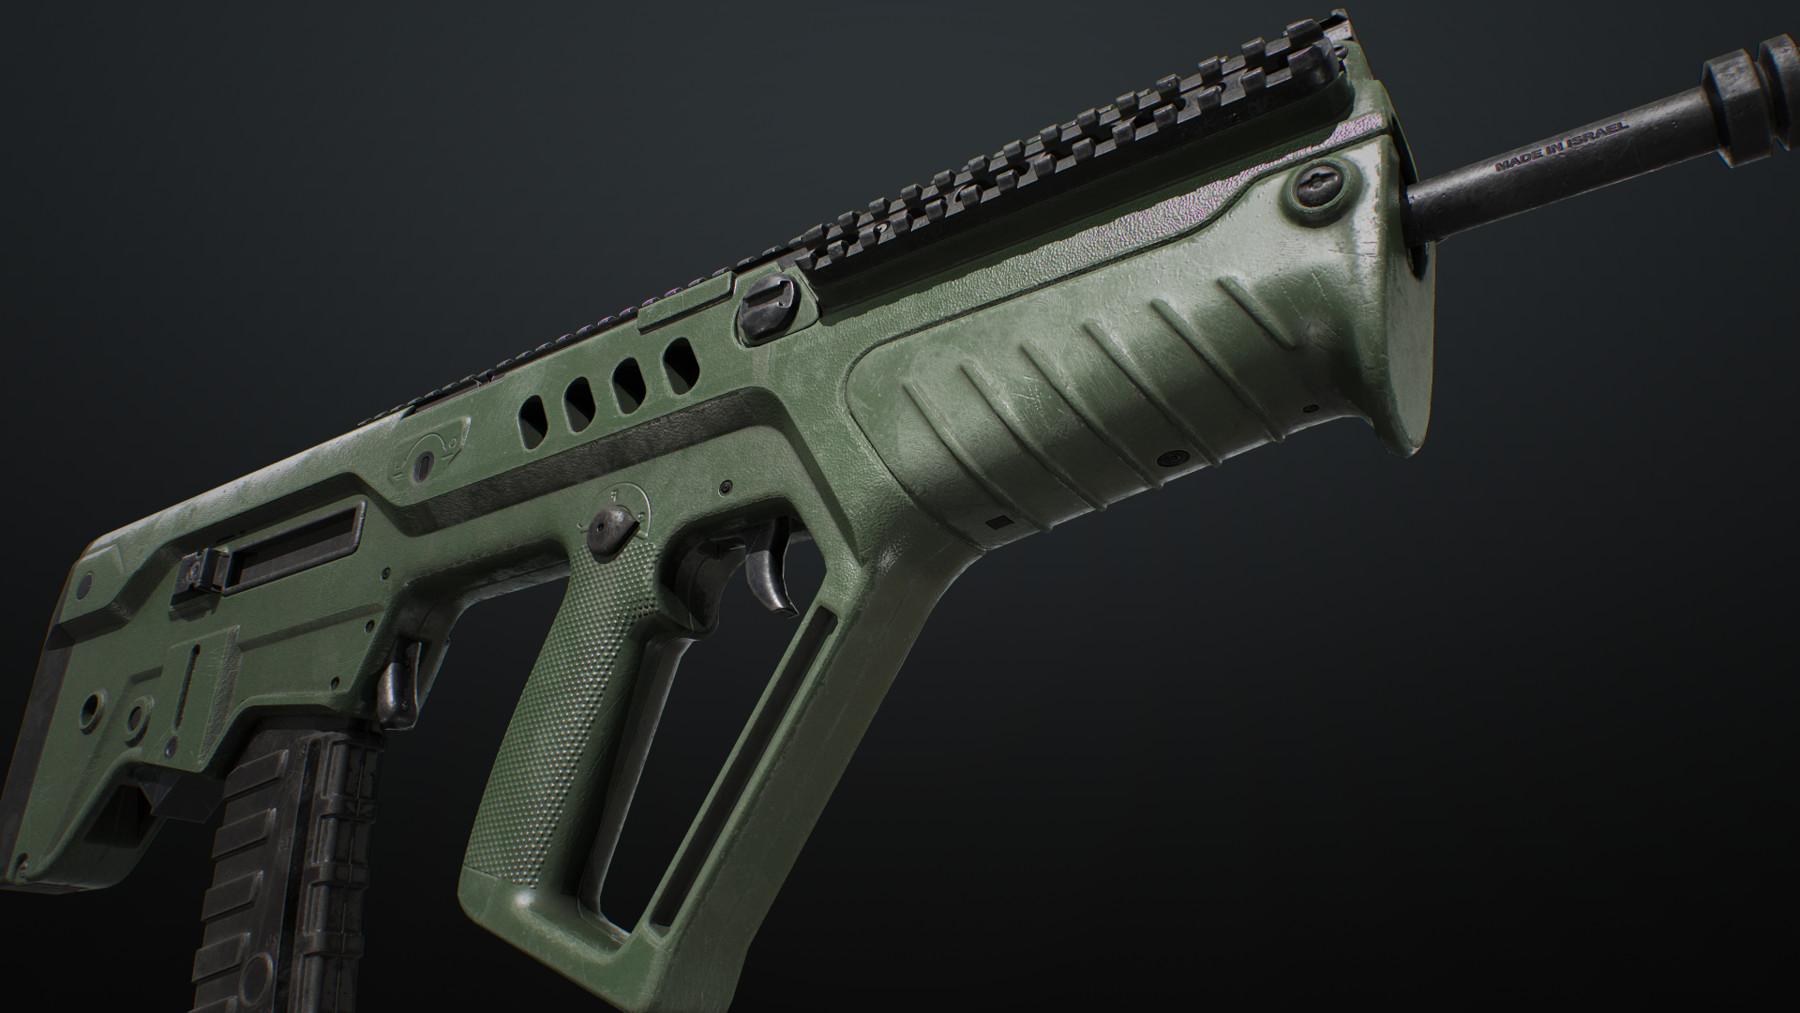 Sbg ar556 green